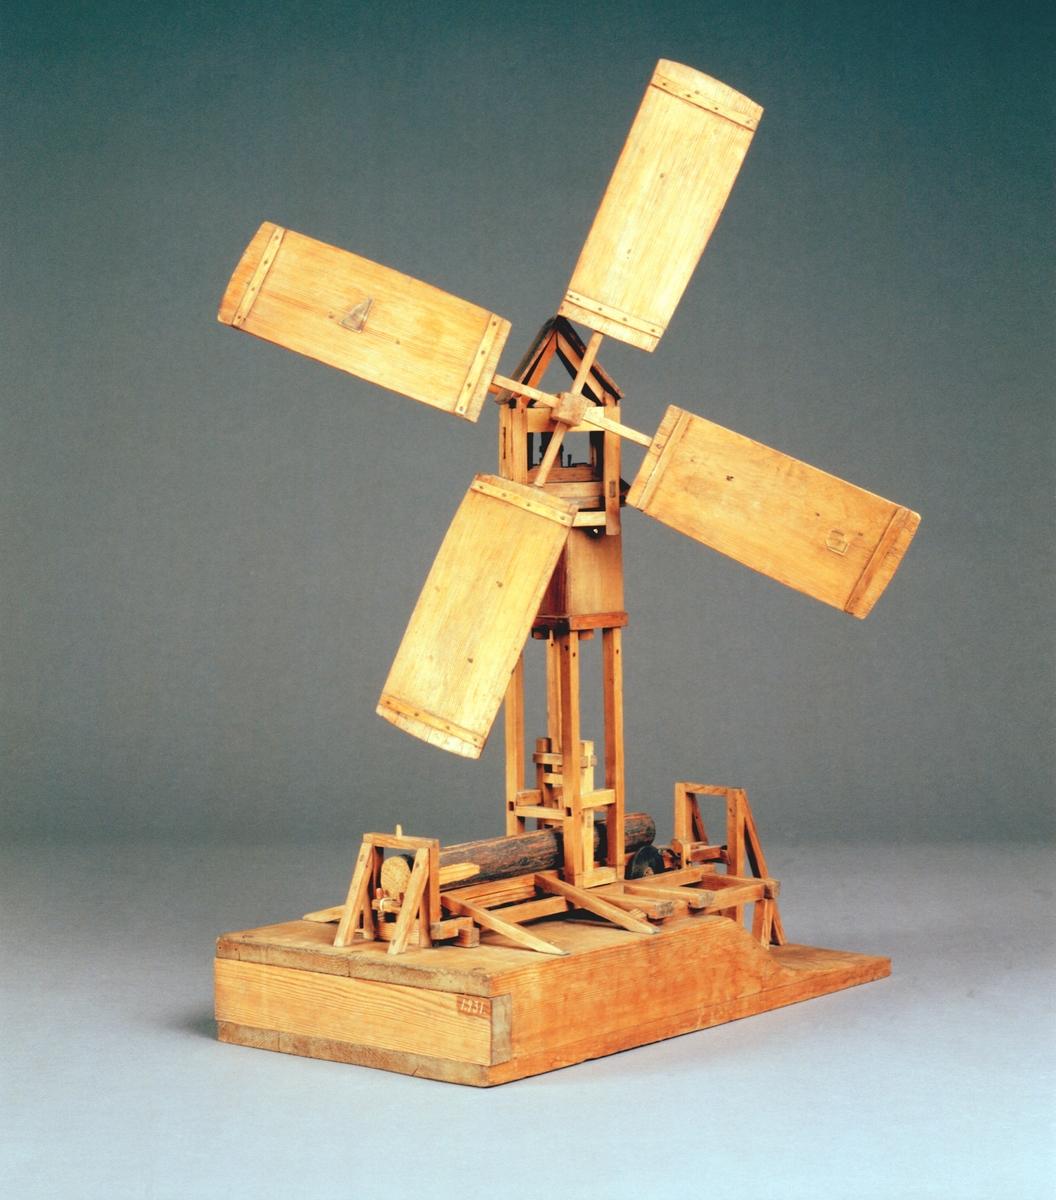 """Modell av sågkvarn med vindhjul. Text på föremålet: """"Sågqvarn af Polhem. No. 10 F ? B-d-(8) 34""""."""